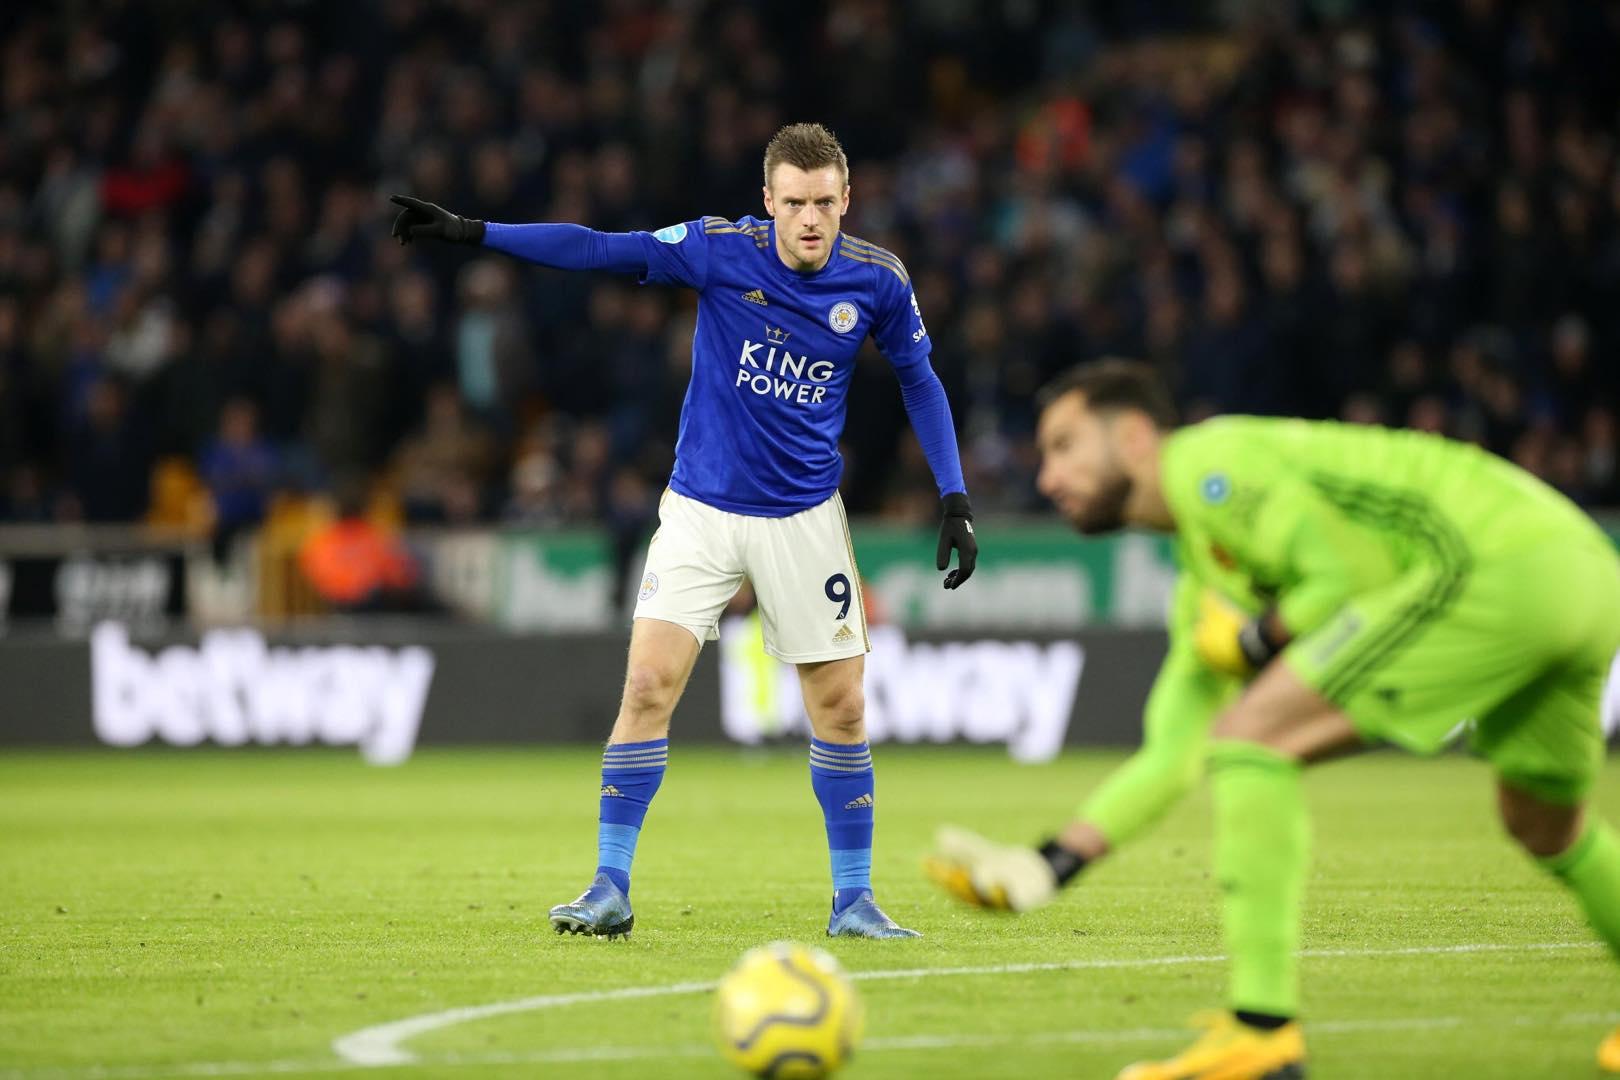 蓝狐传奇!瓦尔迪成莱斯特队史第2位英超出战200场的球员